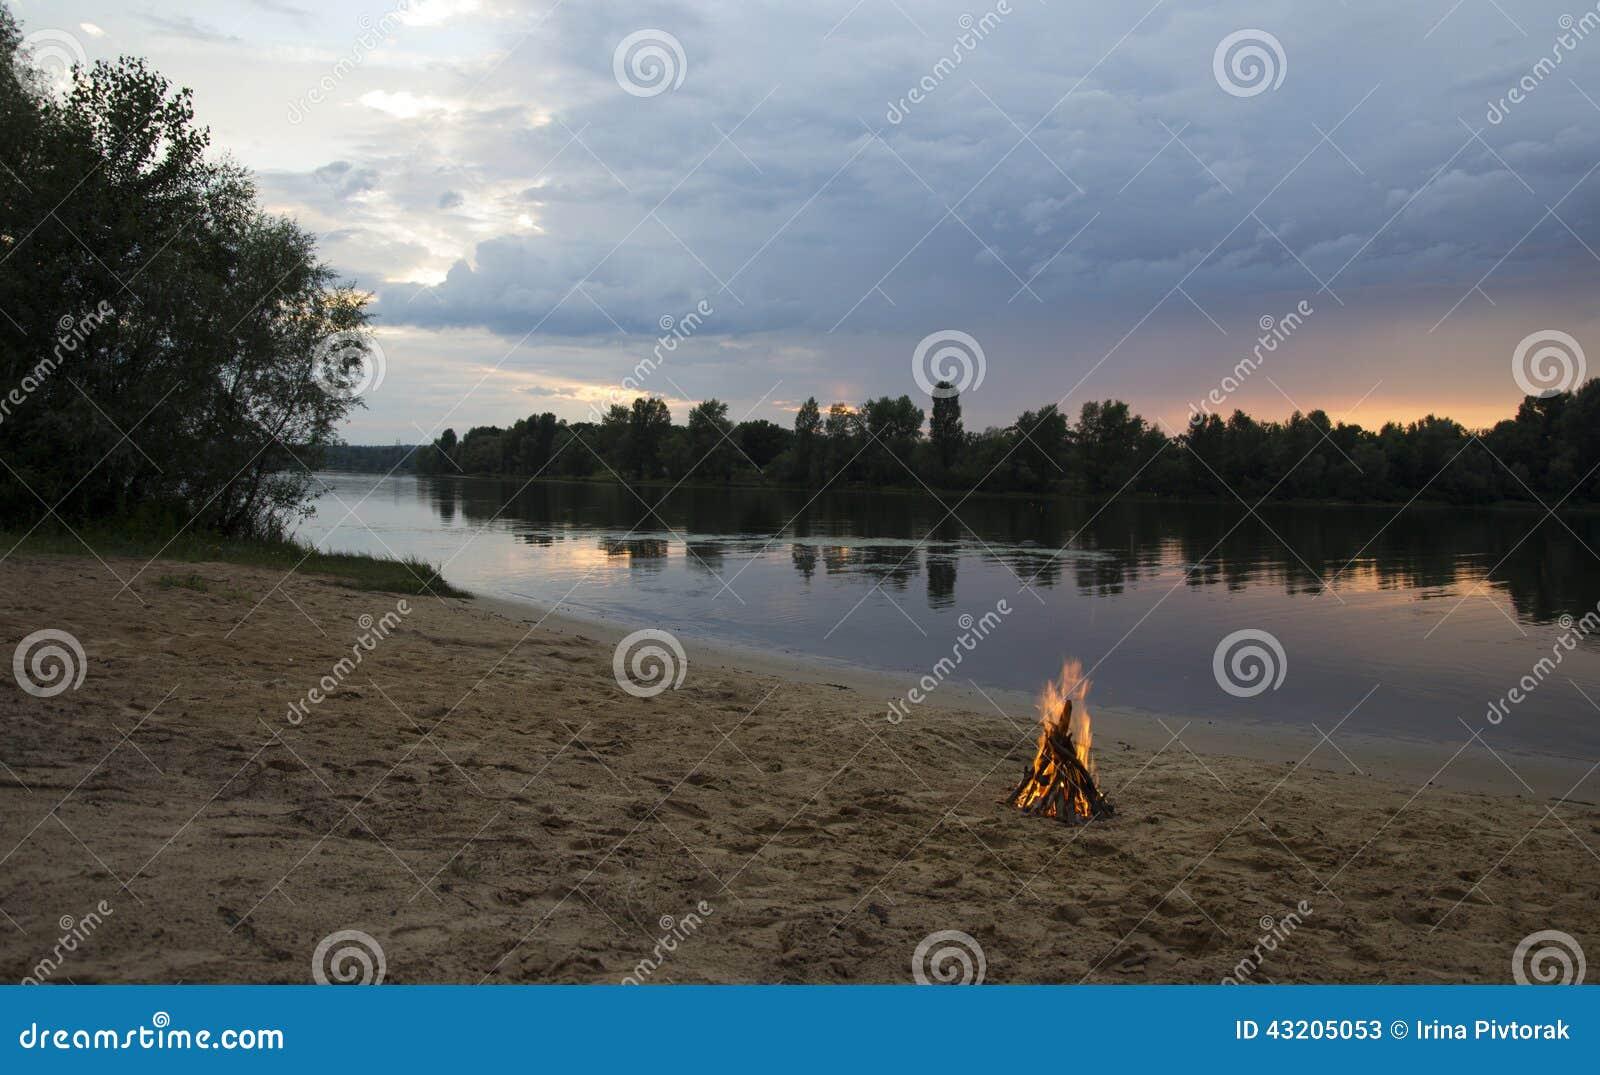 Download Brasa På Banken Av Floden På Solnedgången Fotografering för Bildbyråer - Bild av lägen, utomhus: 43205053